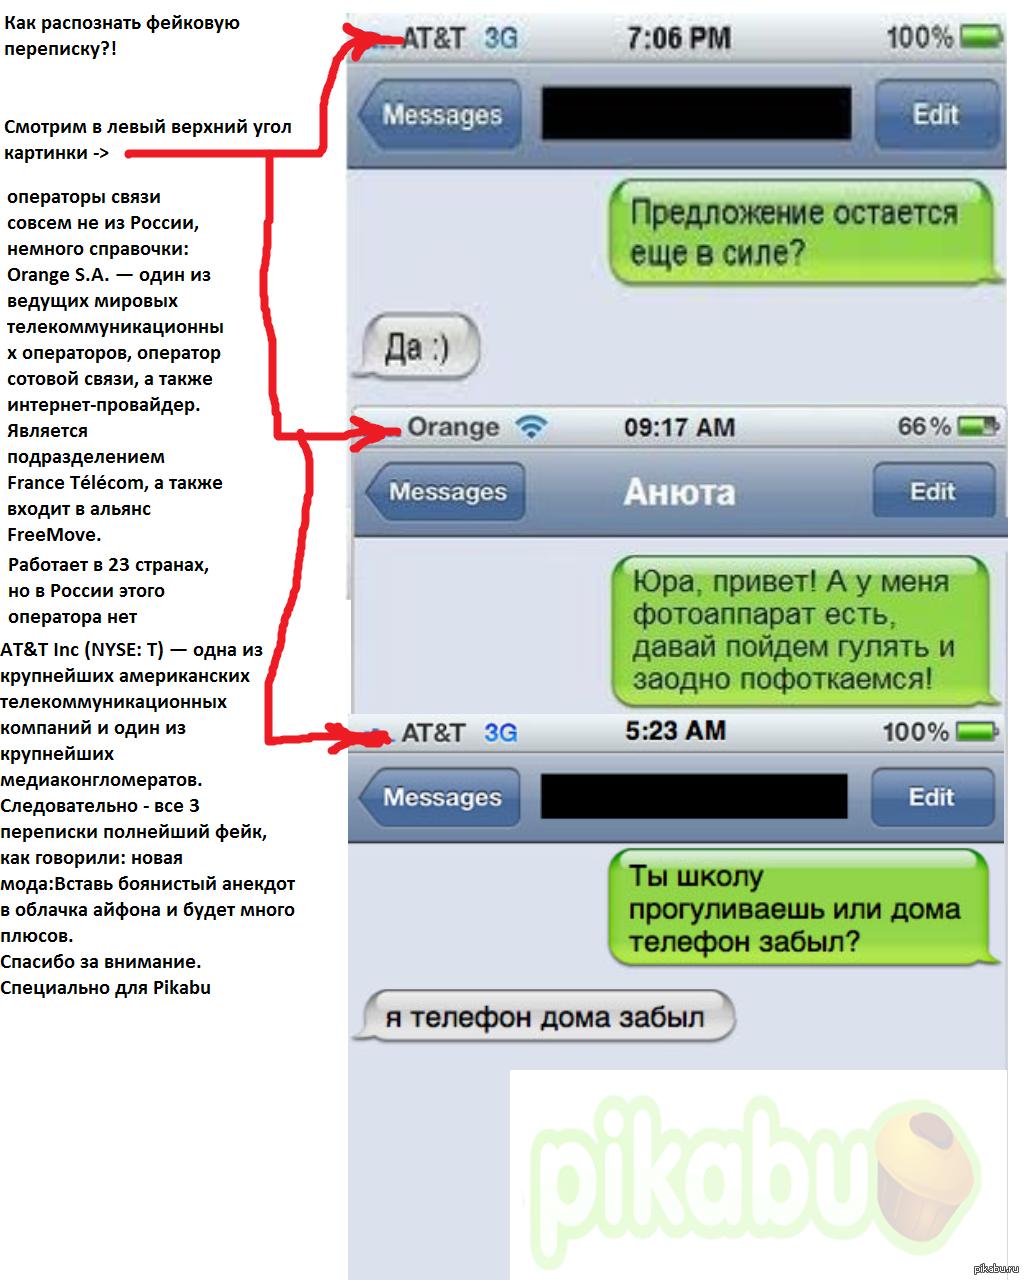 Как сделать переписки в телефоне